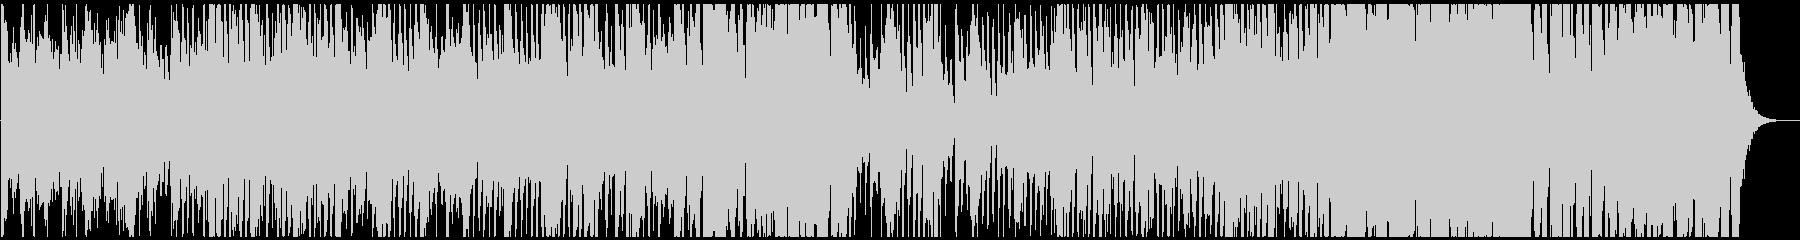 不穏で緊迫感あるスリリングなタンゴBGMの未再生の波形